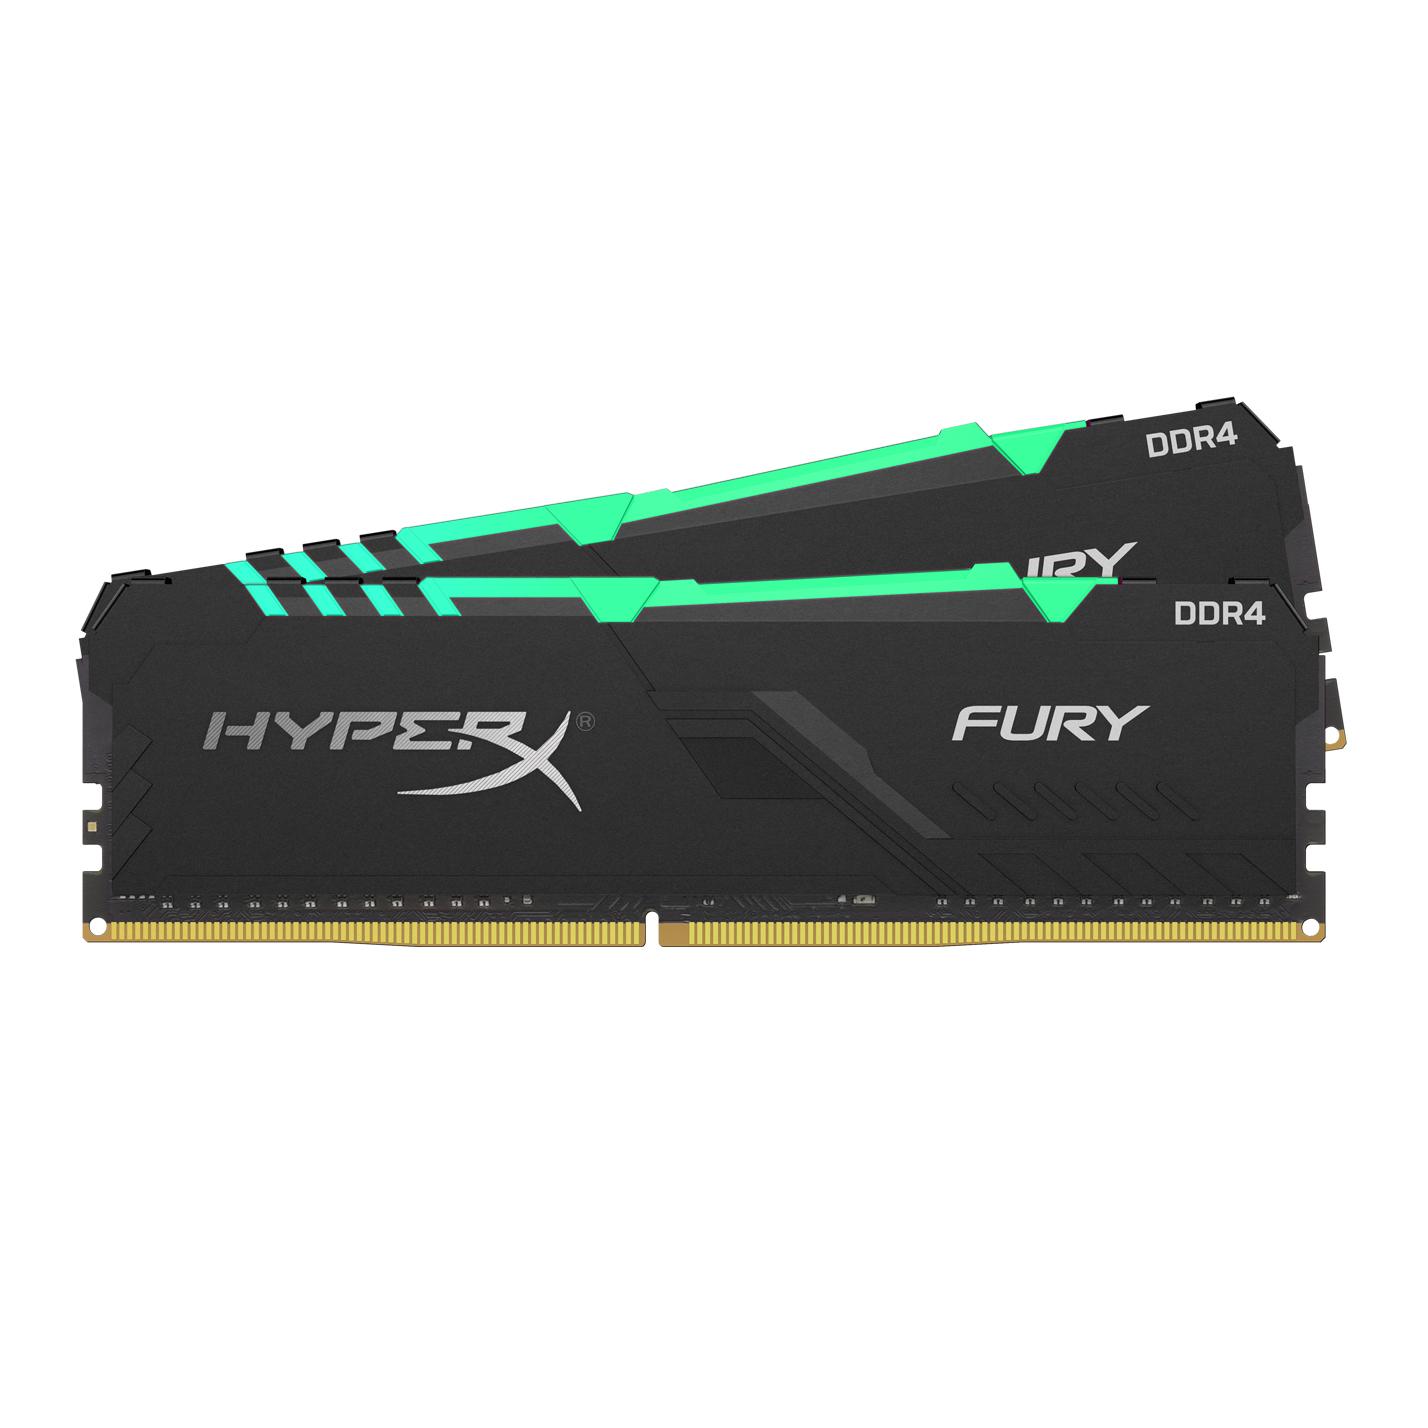 HyperX FURY HX436C17FB3AK2/16 memory module 16 GB DDR4 3600 MHz